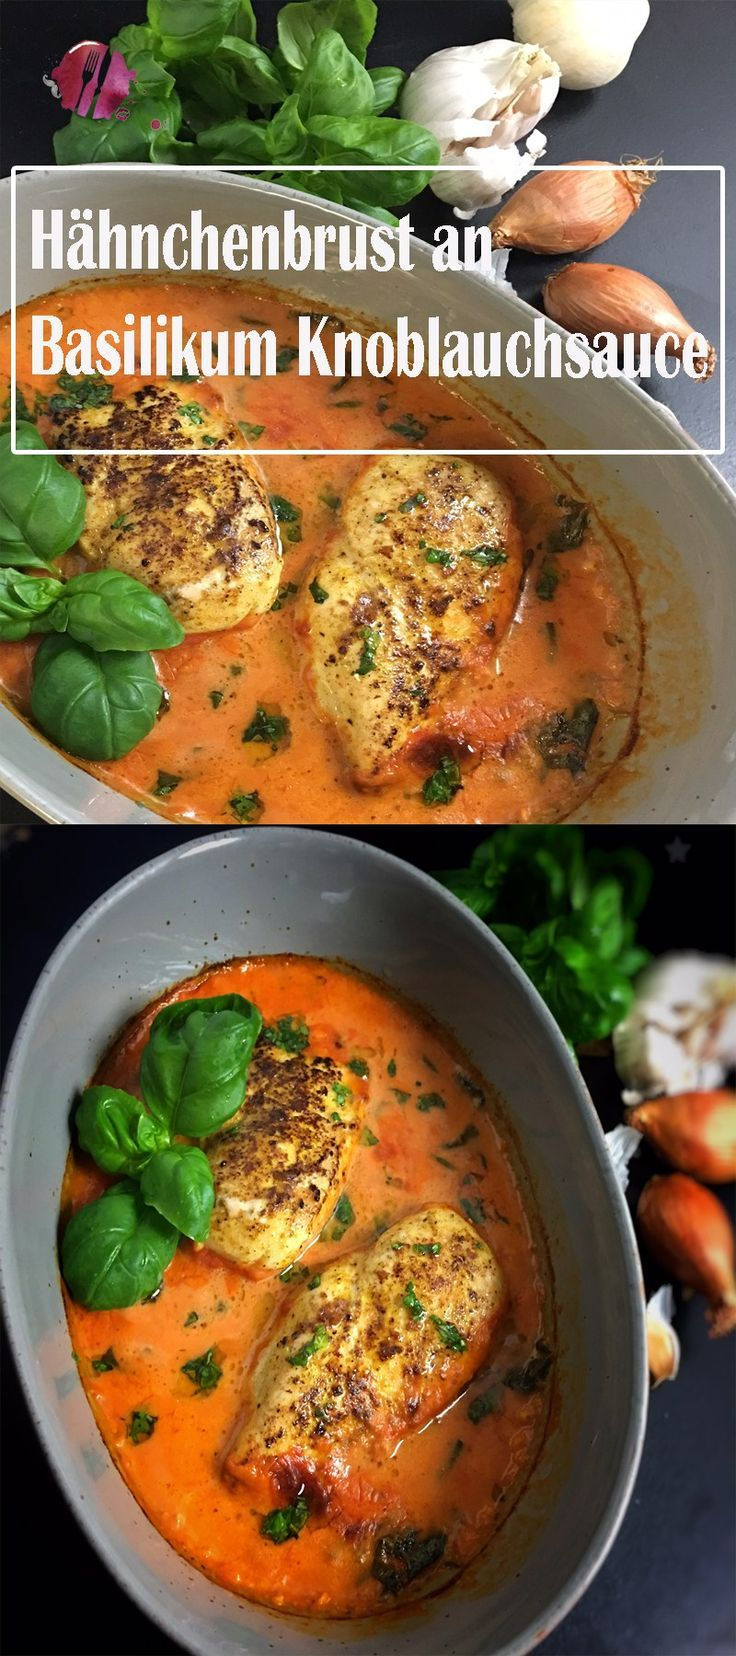 Mit diesem saftigen Hühnerbrustrezept täuscht man sich nicht. Kno … #with #certainly #thes #horty #Kno #ne #no #shoe #chicken #recipe #chicken # you